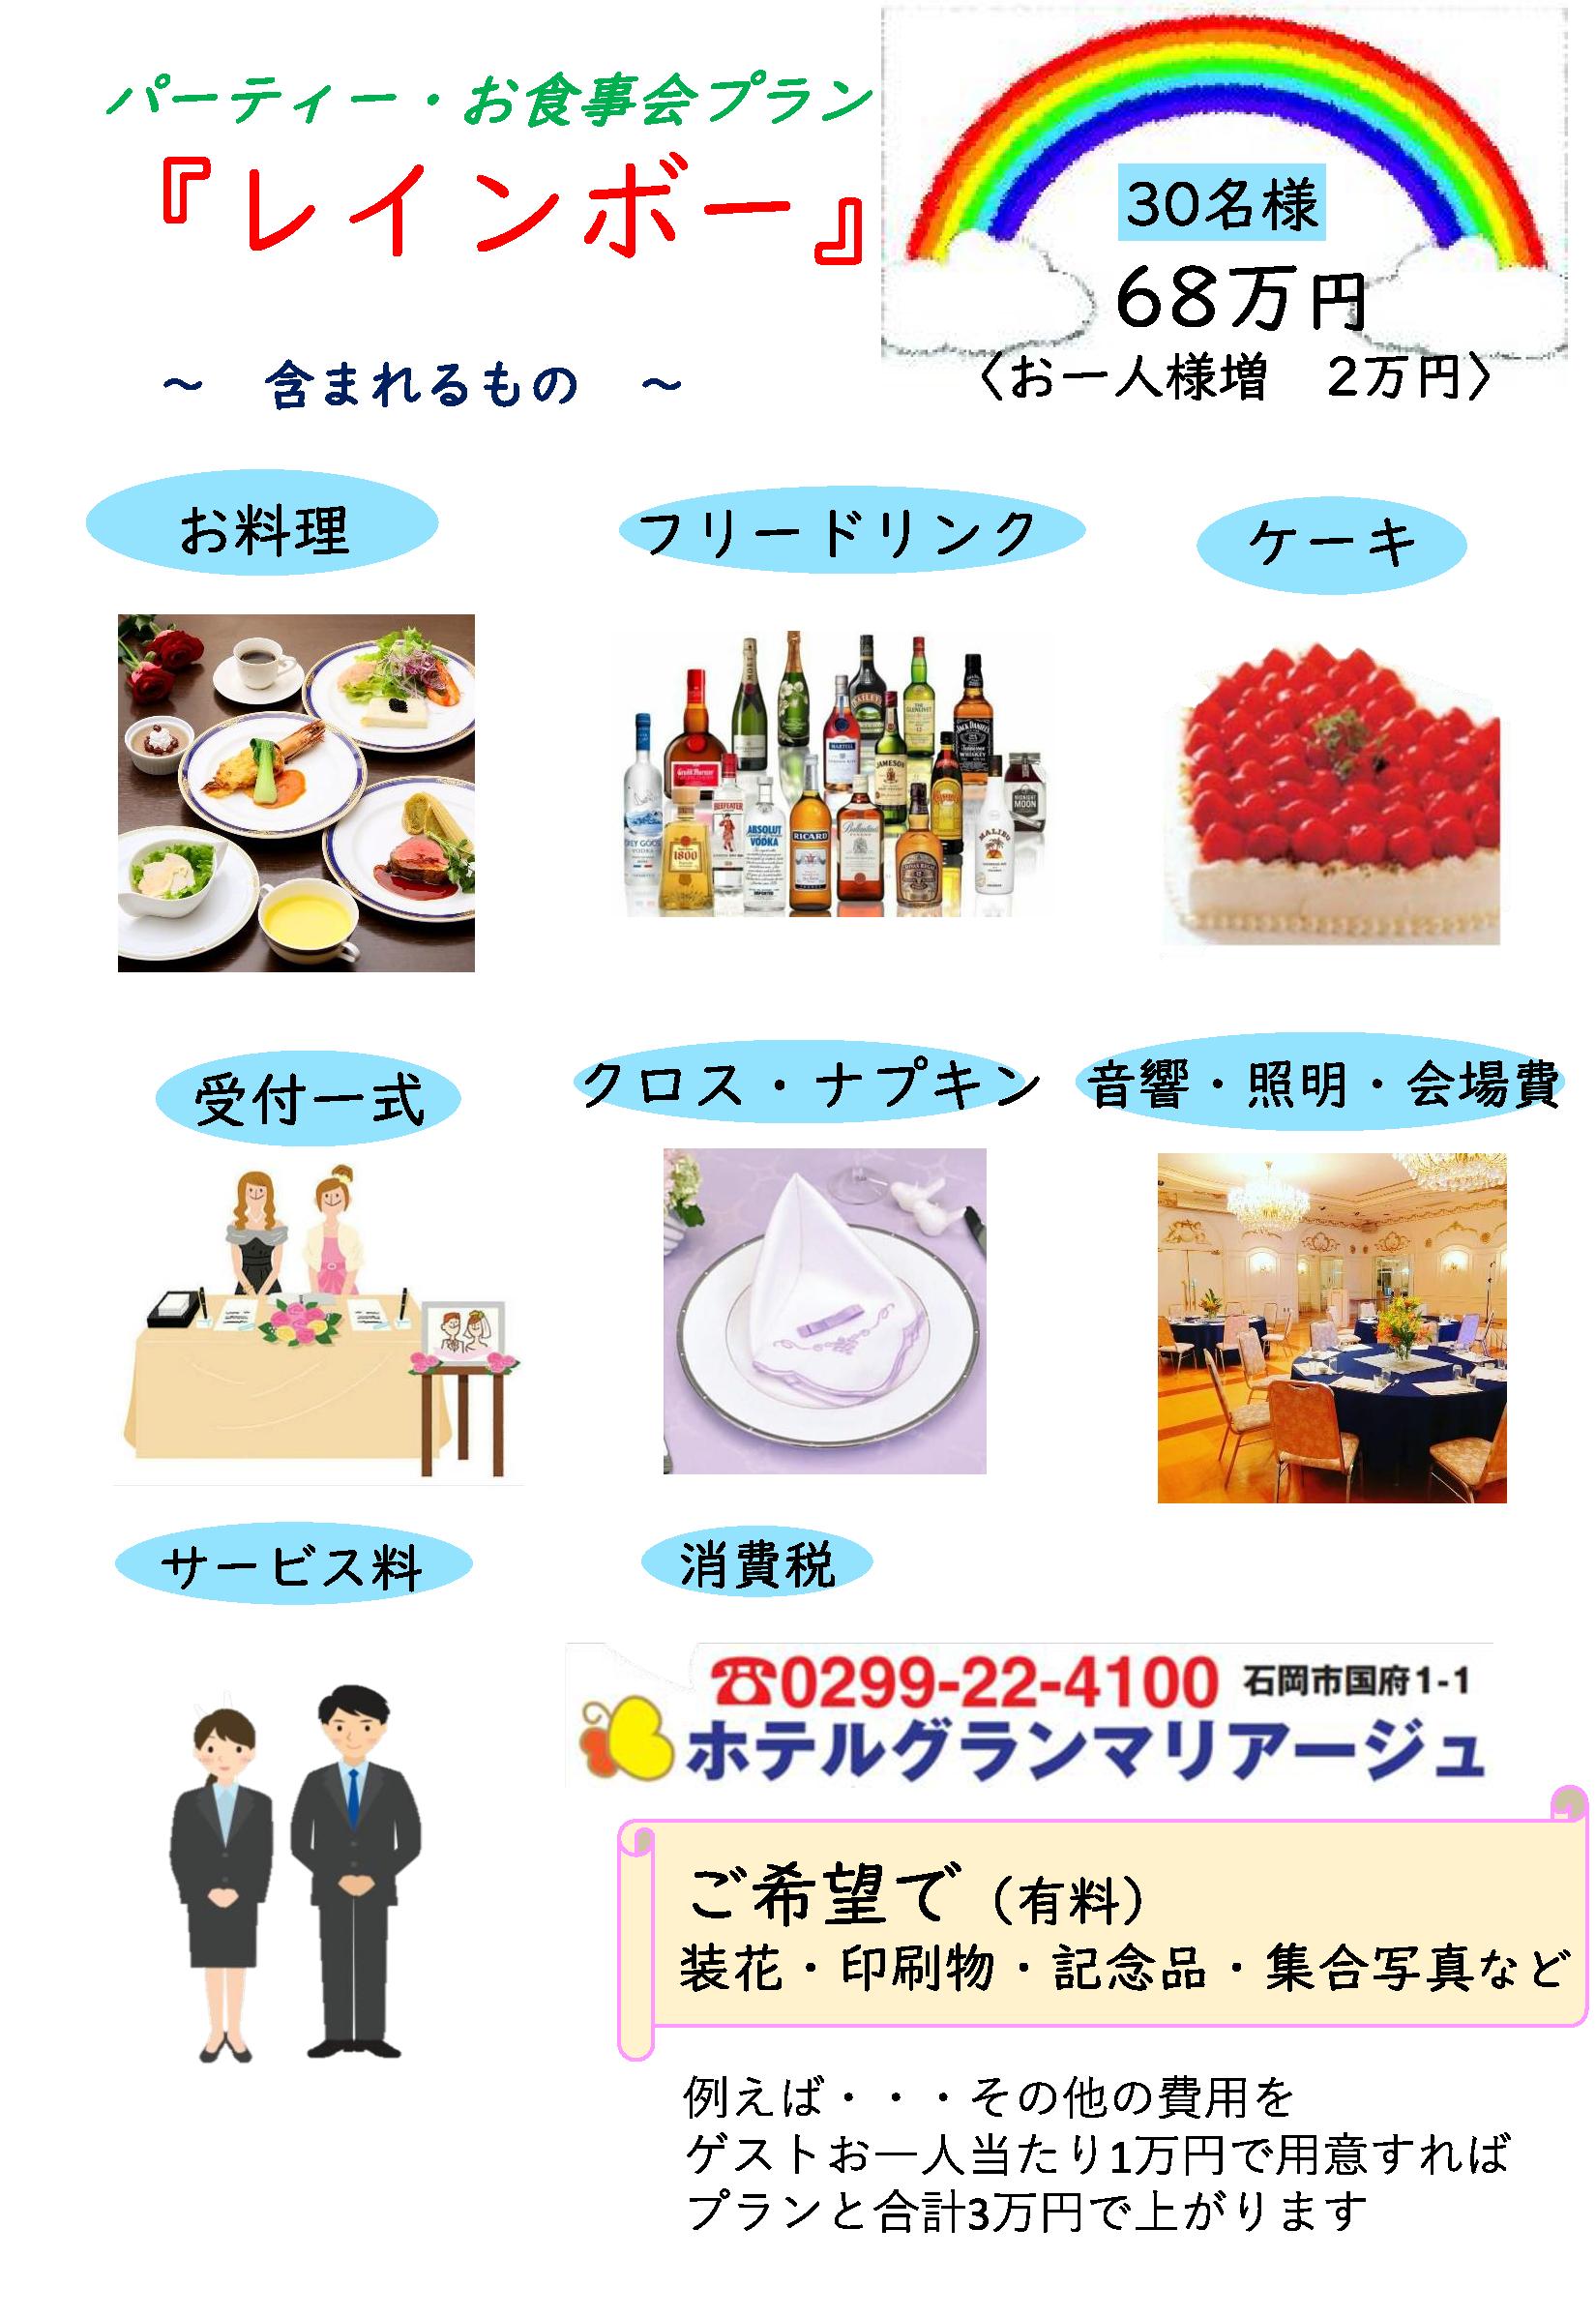 パーティー・お食事会プラン レインボー